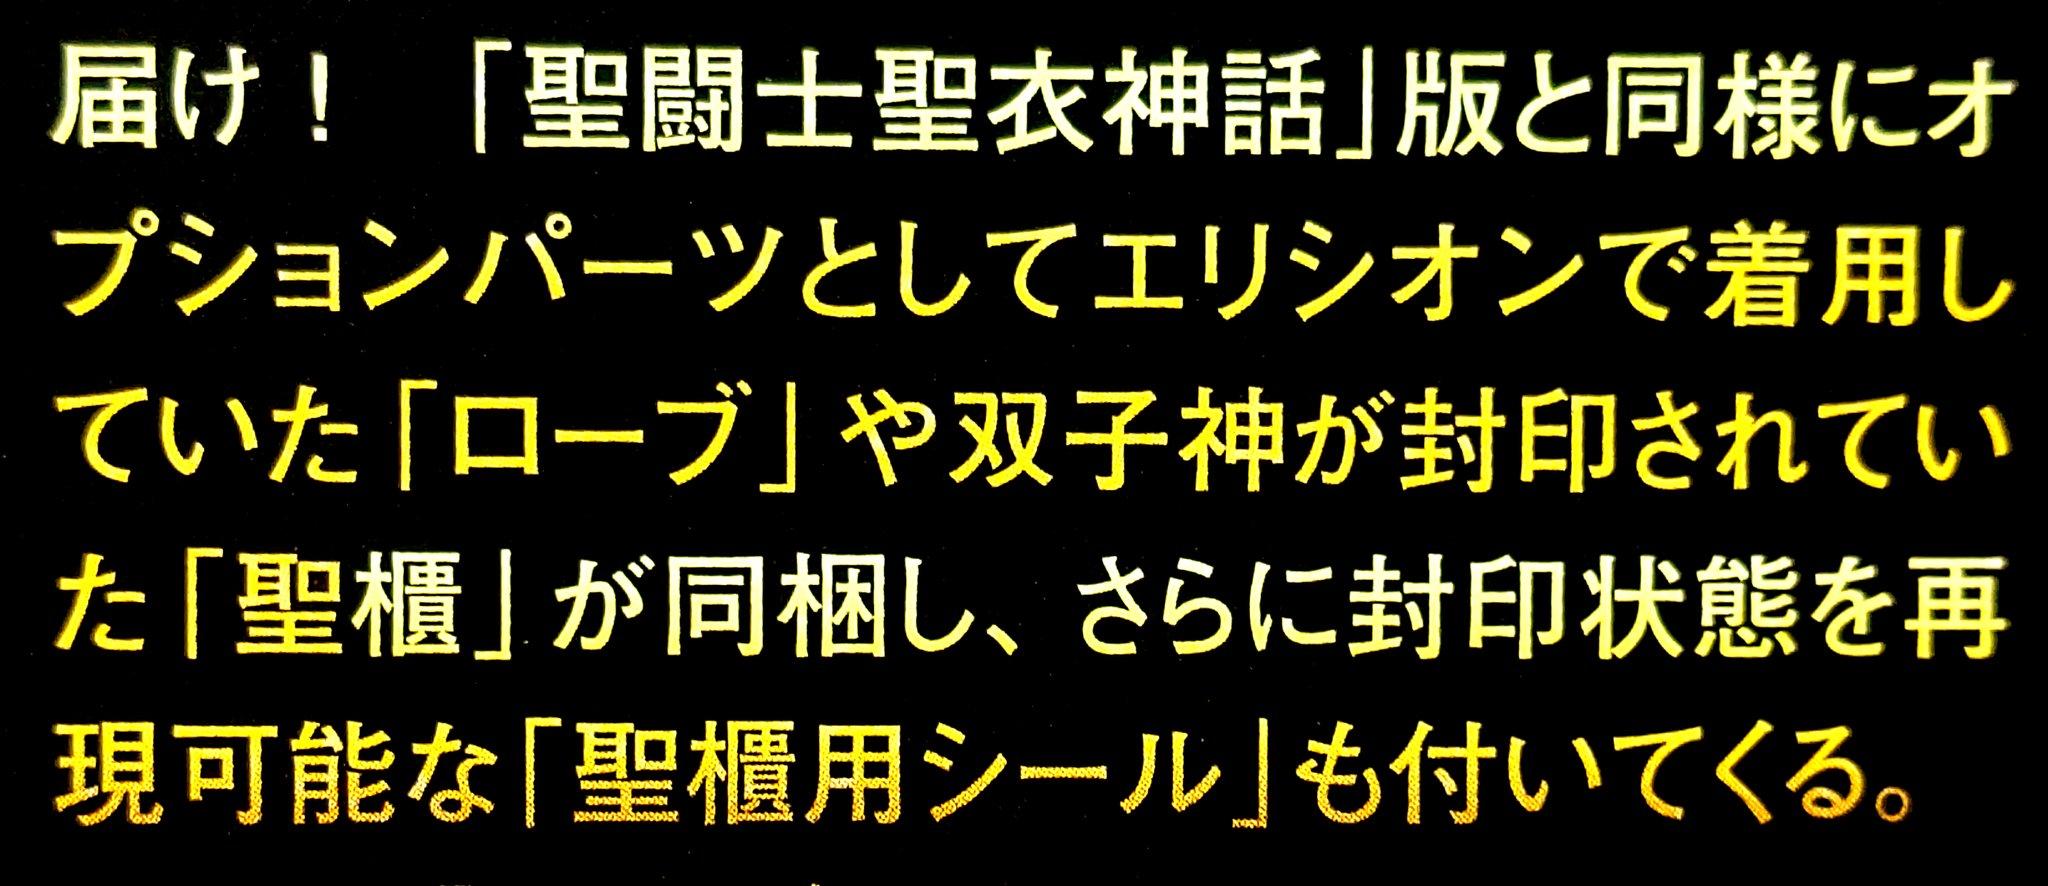 DdfyzyHu_o.jpg